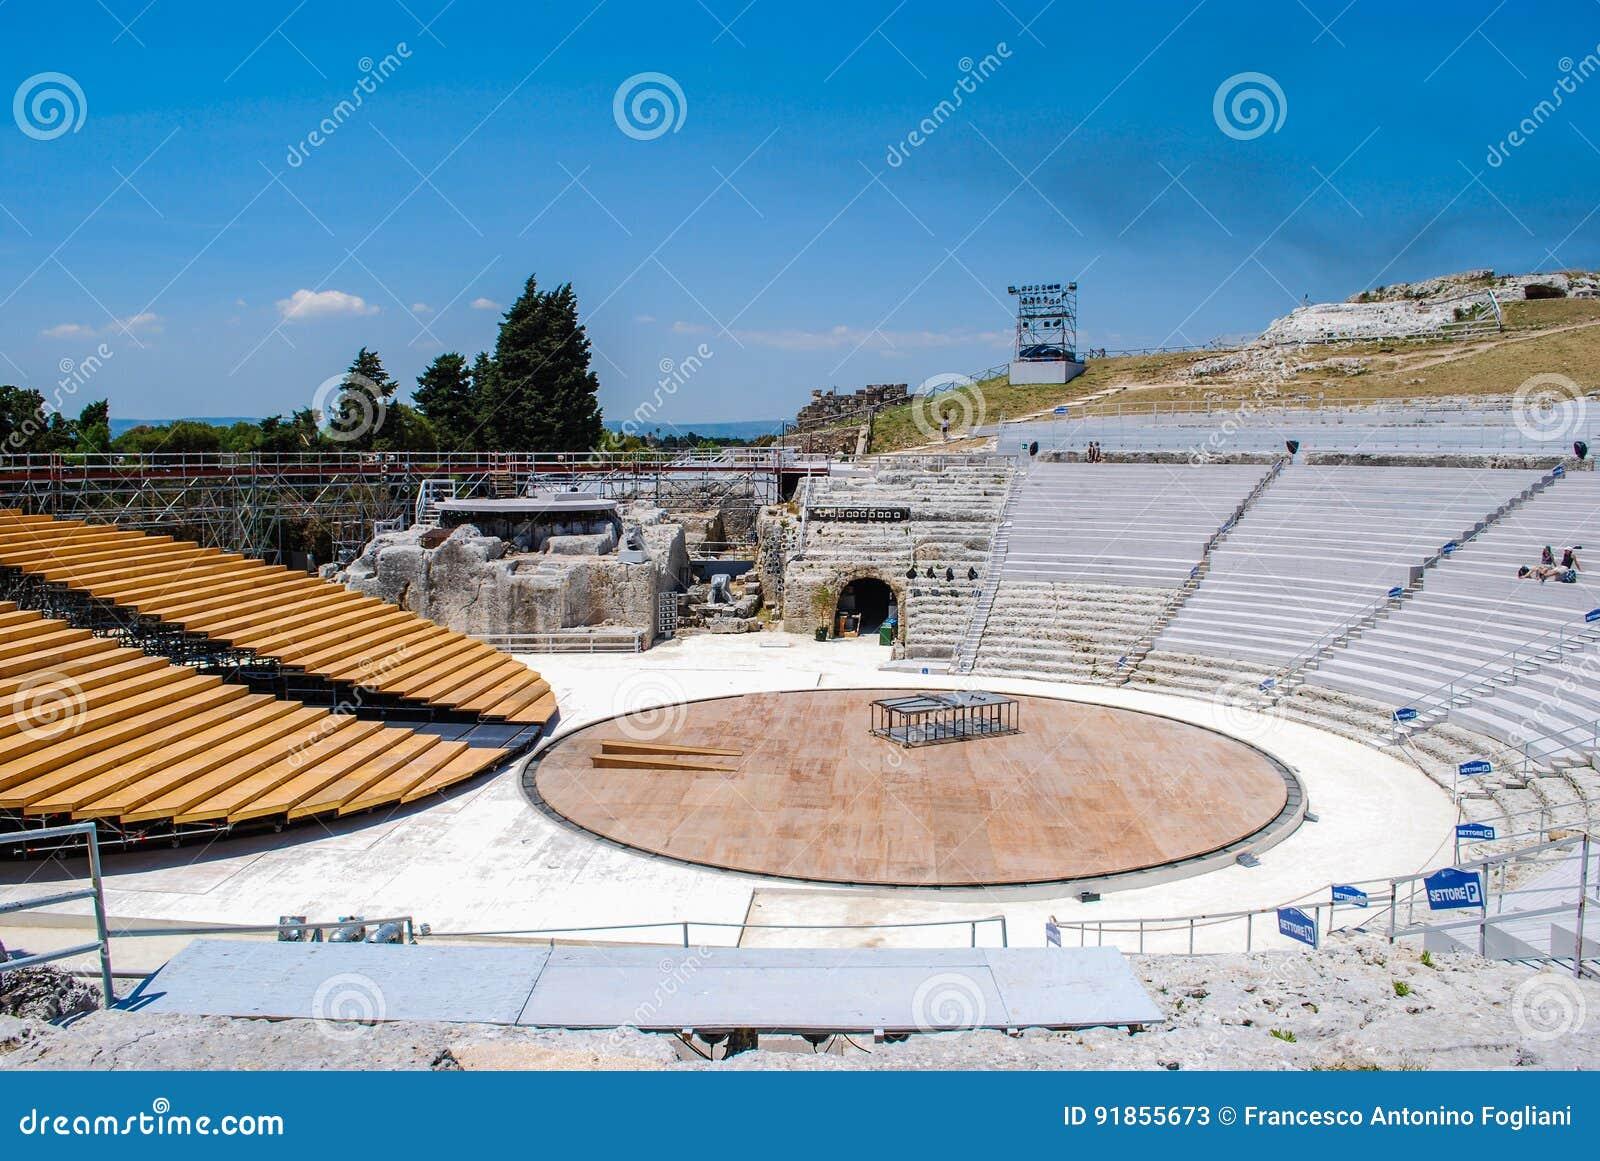 SYRACUSE ITALIEN - Juni 02, 2012: Den grekiska teatern i det arkeologiskt parkerar